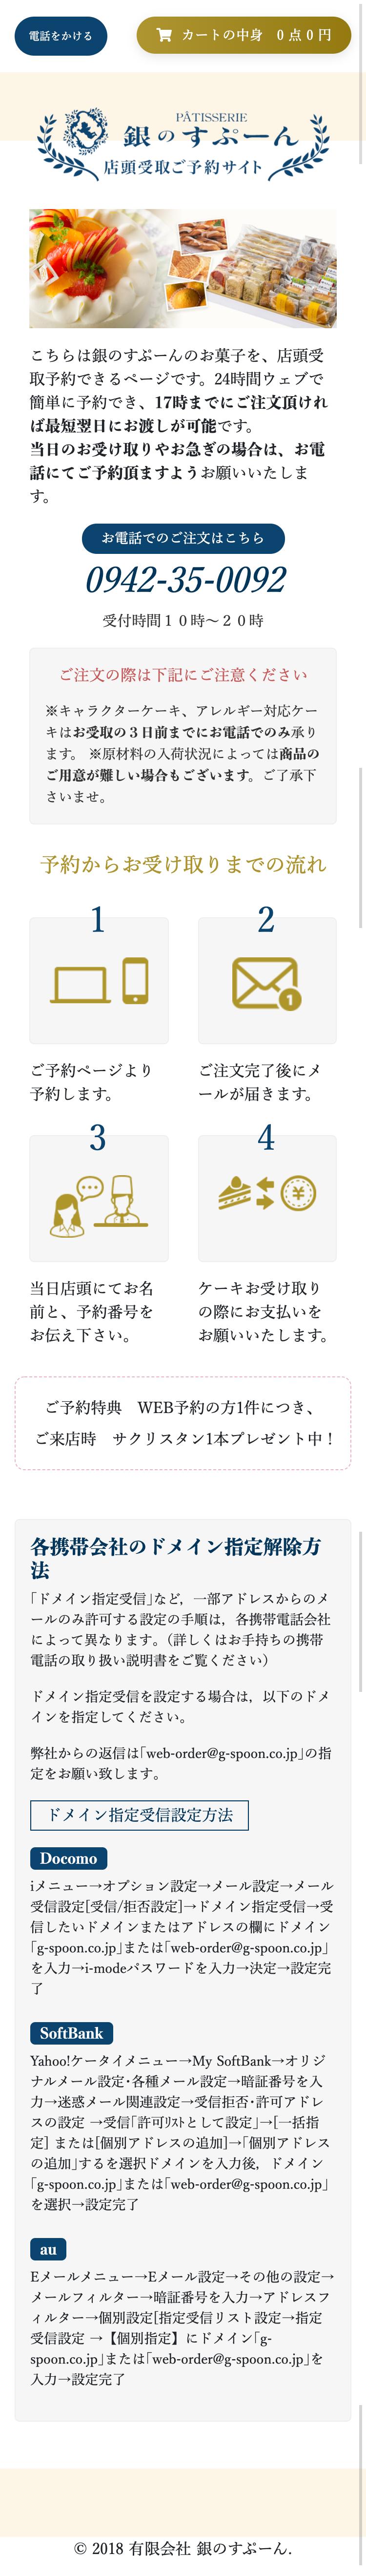 有限会社銀のすぷーん様 ホームページ SP画像